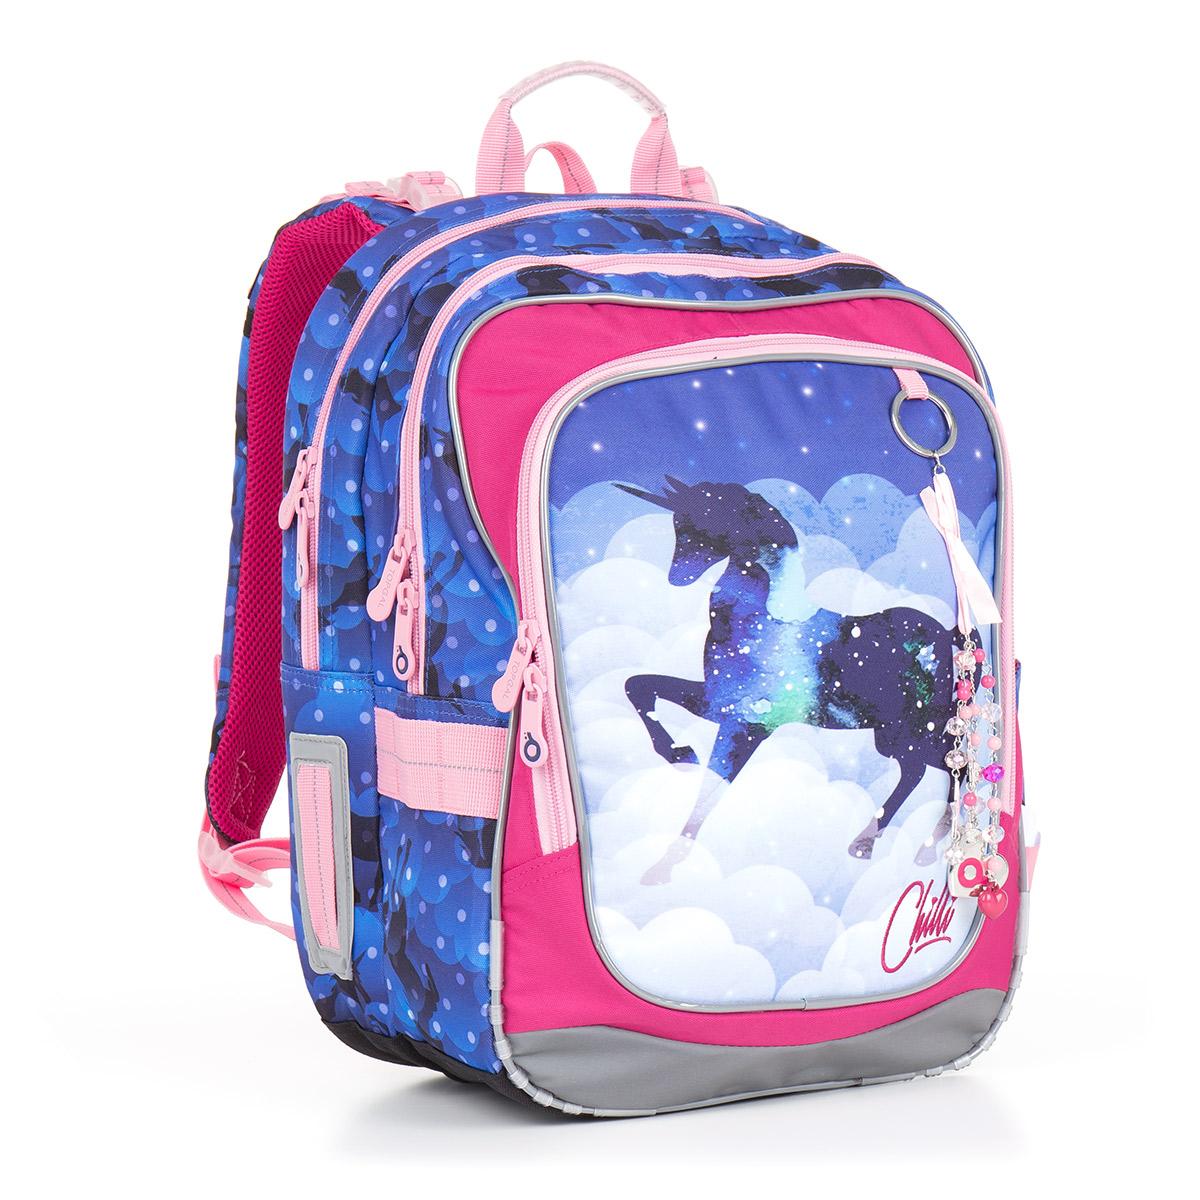 Školní batoh Topgal - CHI 843  269a9376a2